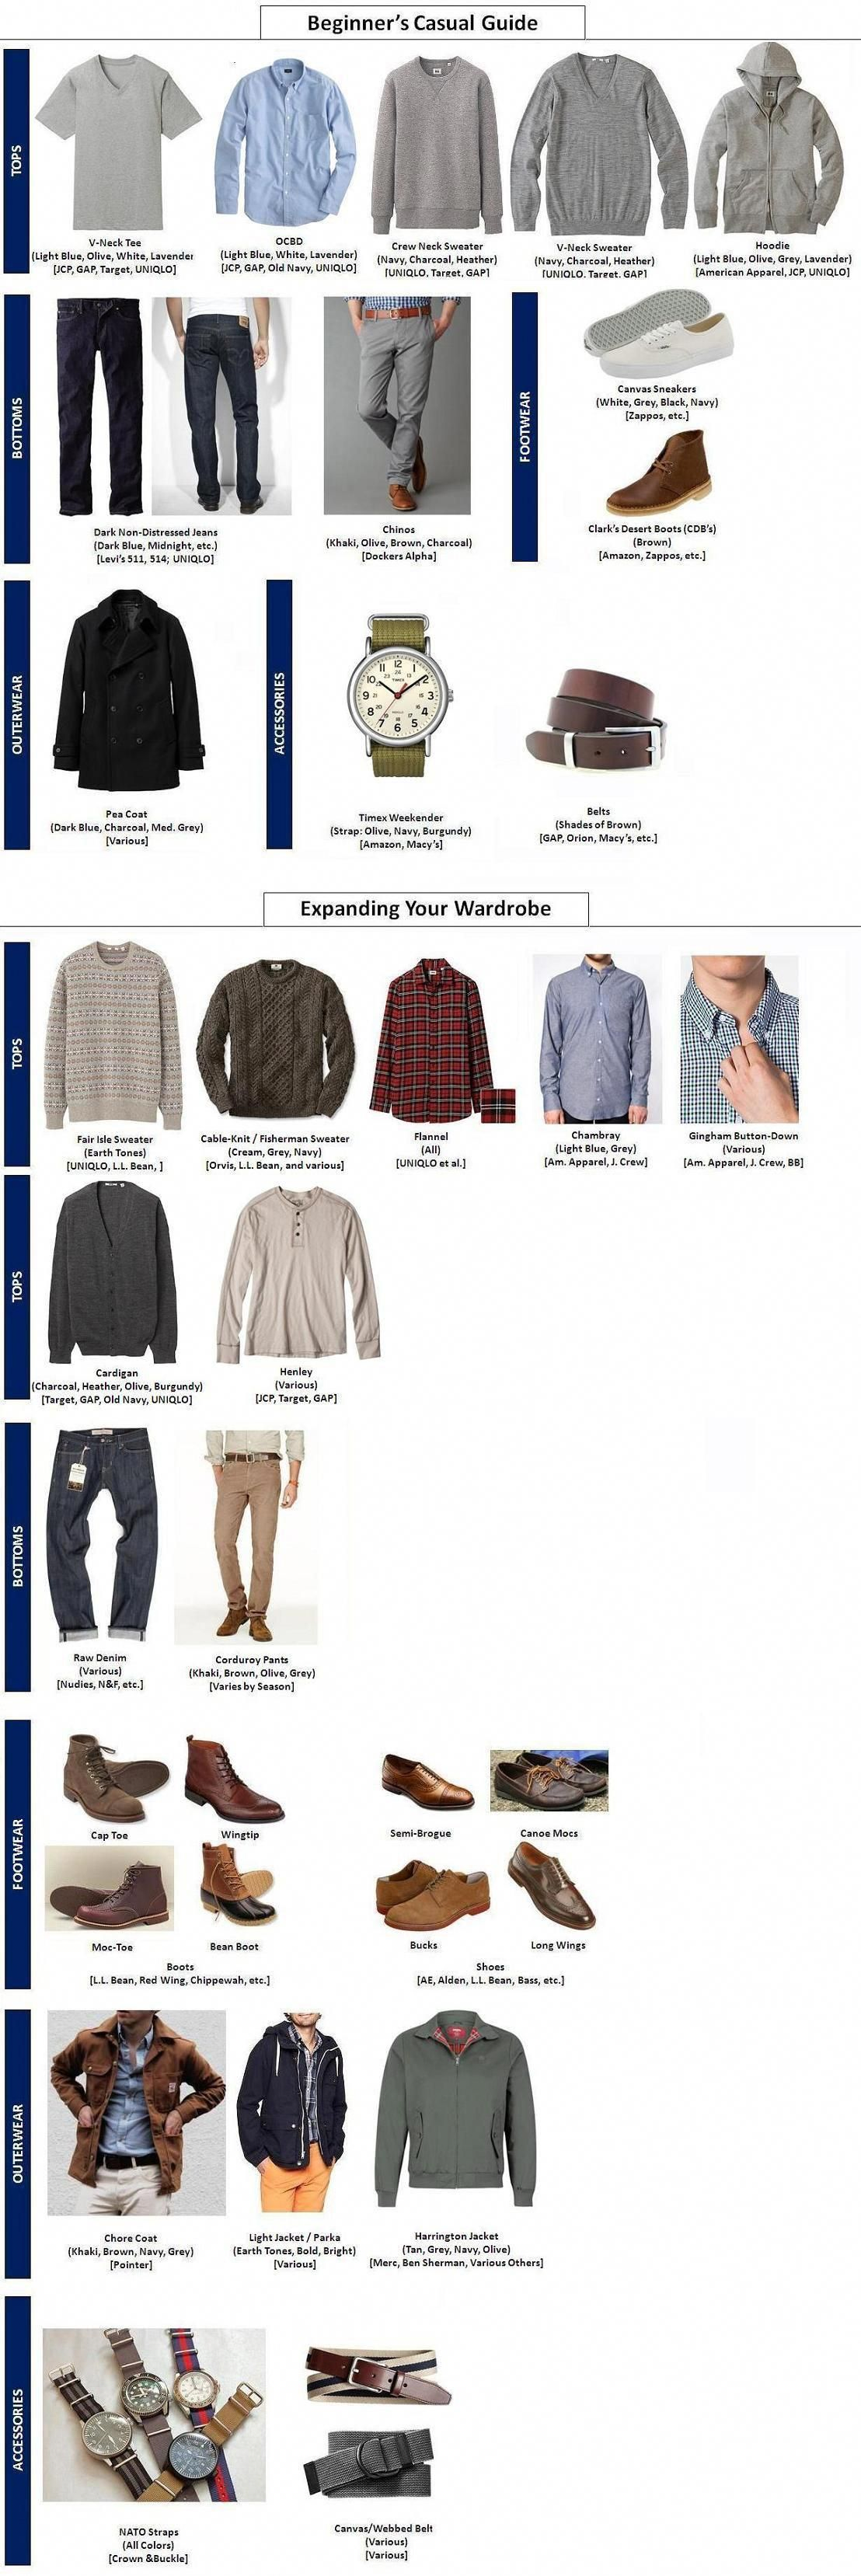 0e7148b4b9cb  MensFashionCargoPants Male Fashion Advice